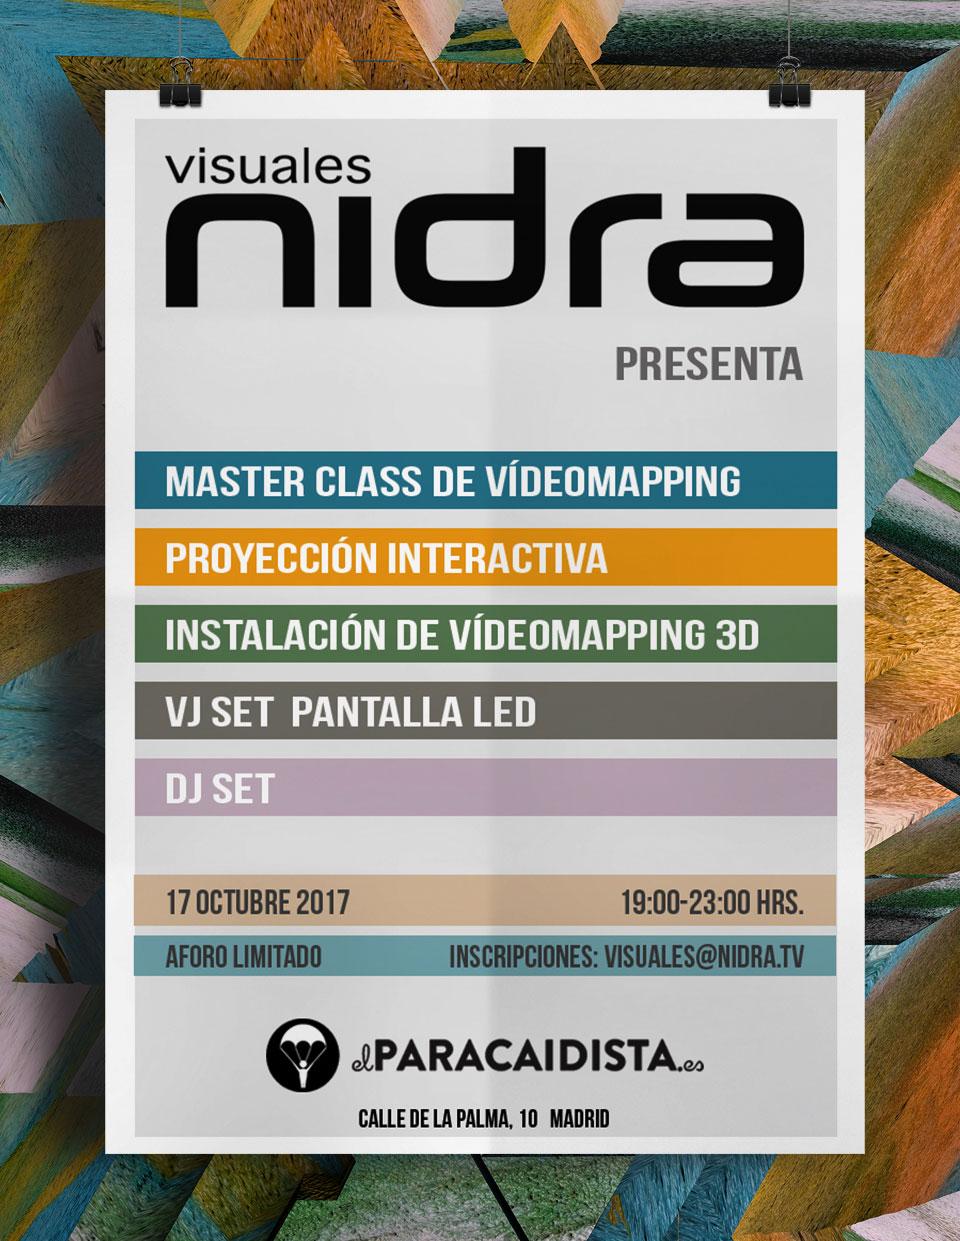 Showroom El Paracaidista Madrid Visuales Nidra VideoMapping